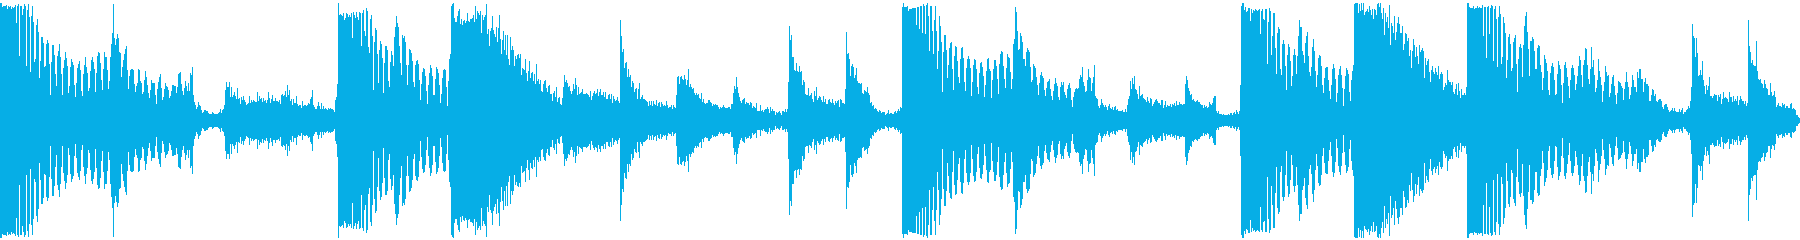 ドンドコドラムの再生済みの波形